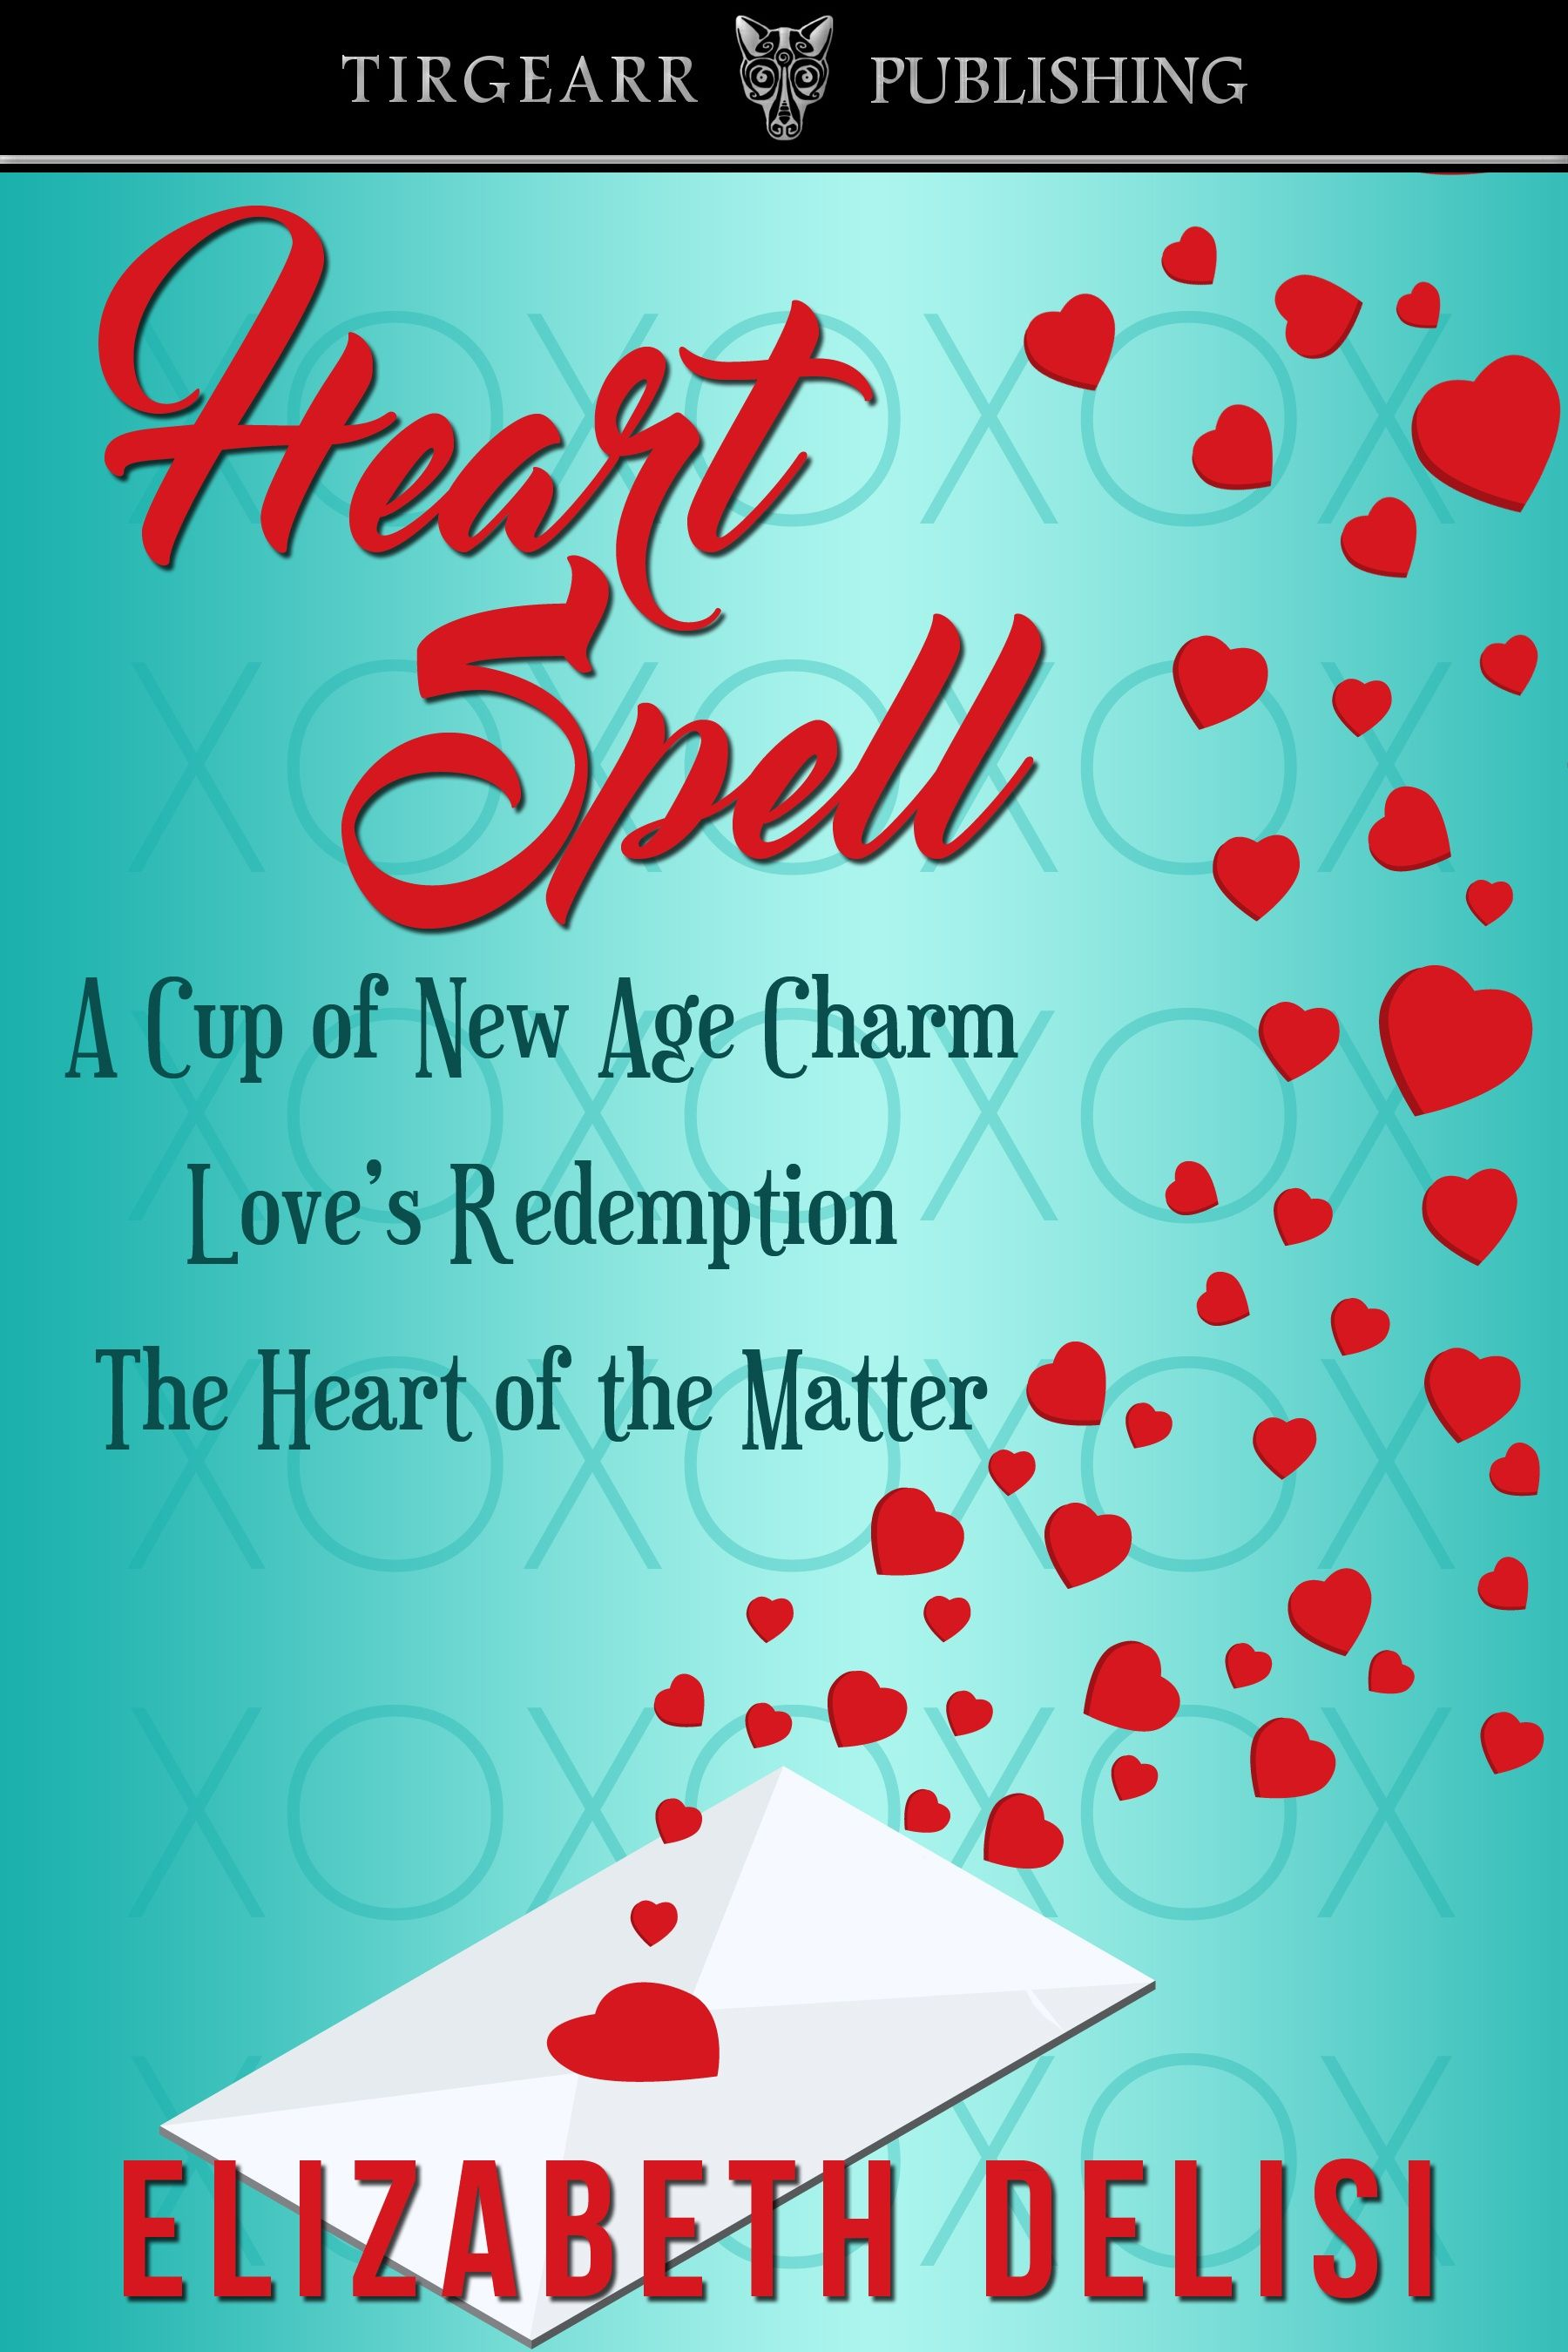 Heart spell by elizabeth delisi contemporary romance anthology heart spell by elizabeth delisi contemporary romance anthology 099 httpebooksodaebook dealsheart spell by elizabeth delisi fandeluxe Gallery